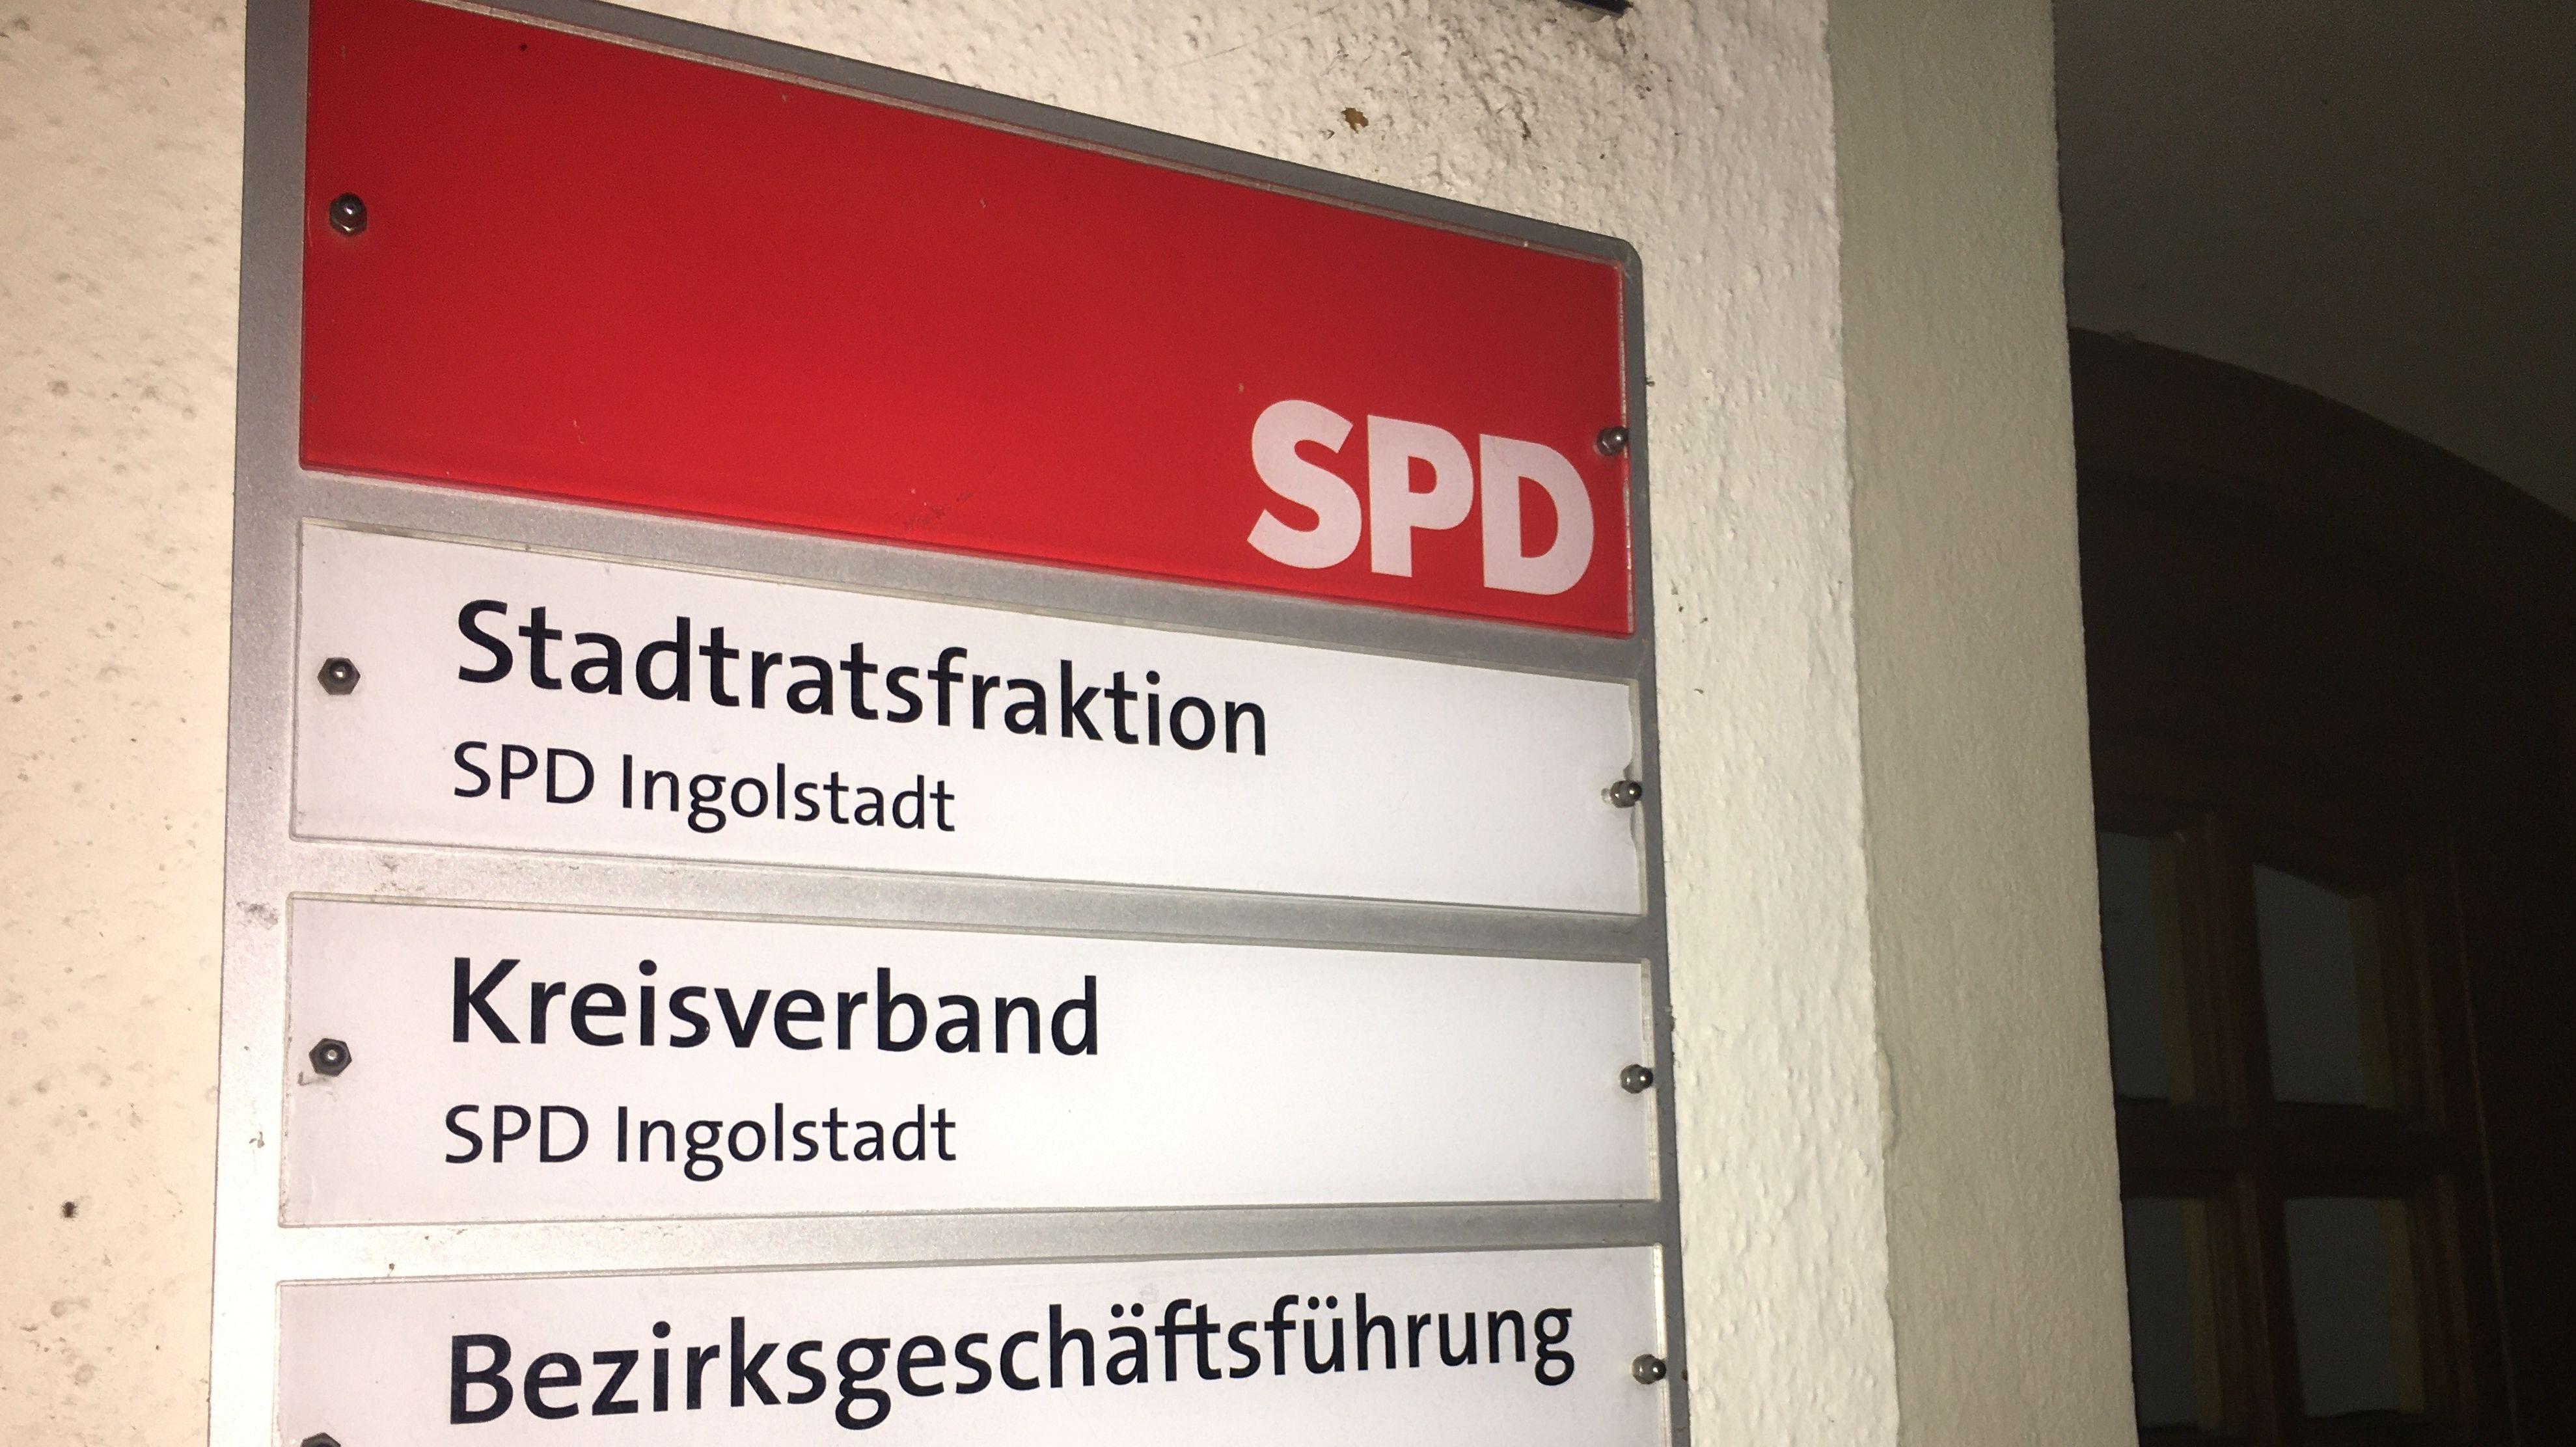 SPD-Vorstandssitzung in Ingolstadt hinter verschlossenen Türen